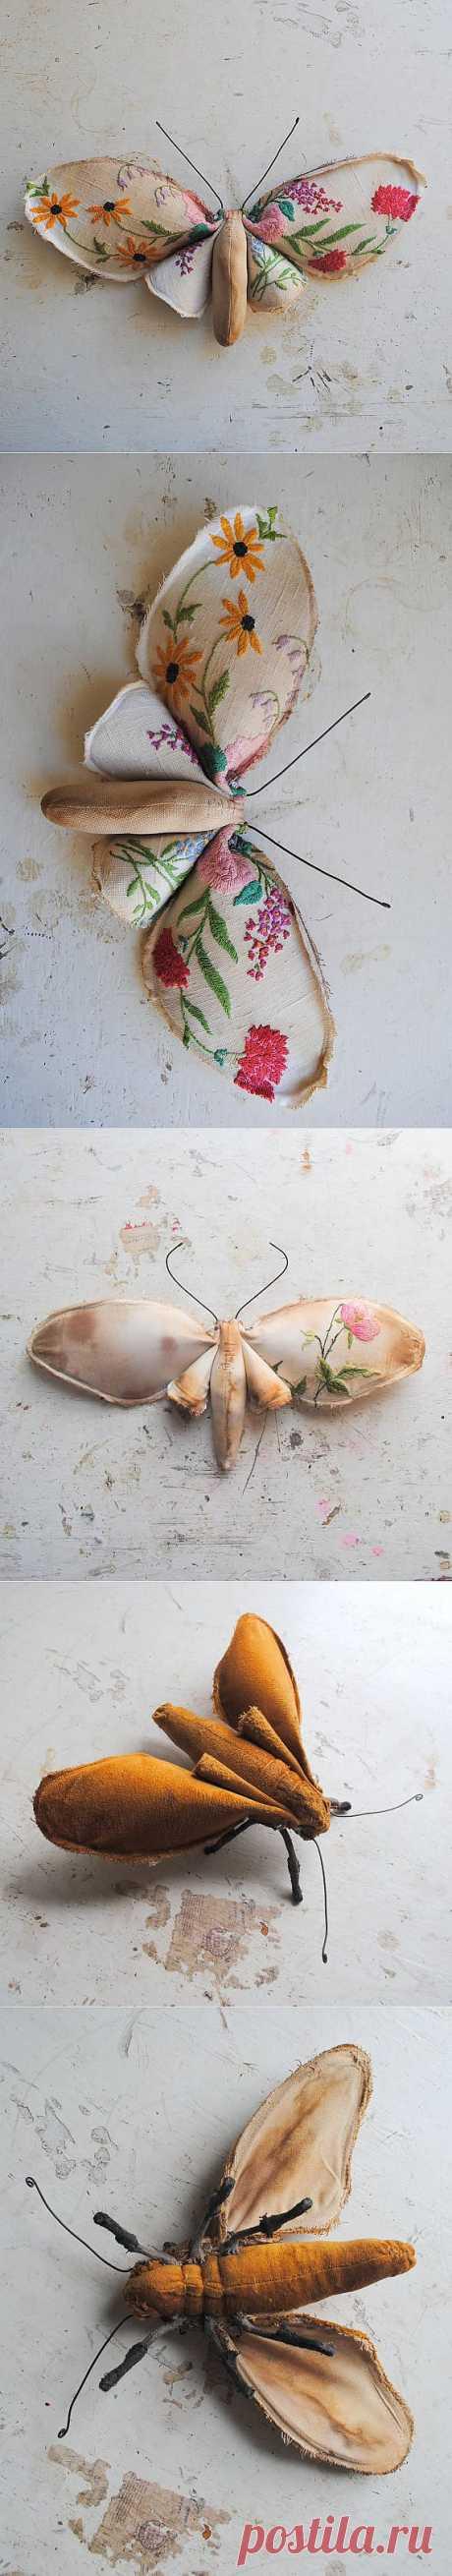 Вышитые бабочки (подборка) +1 / Украшения и бижутерия / ВТОРАЯ УЛИЦА